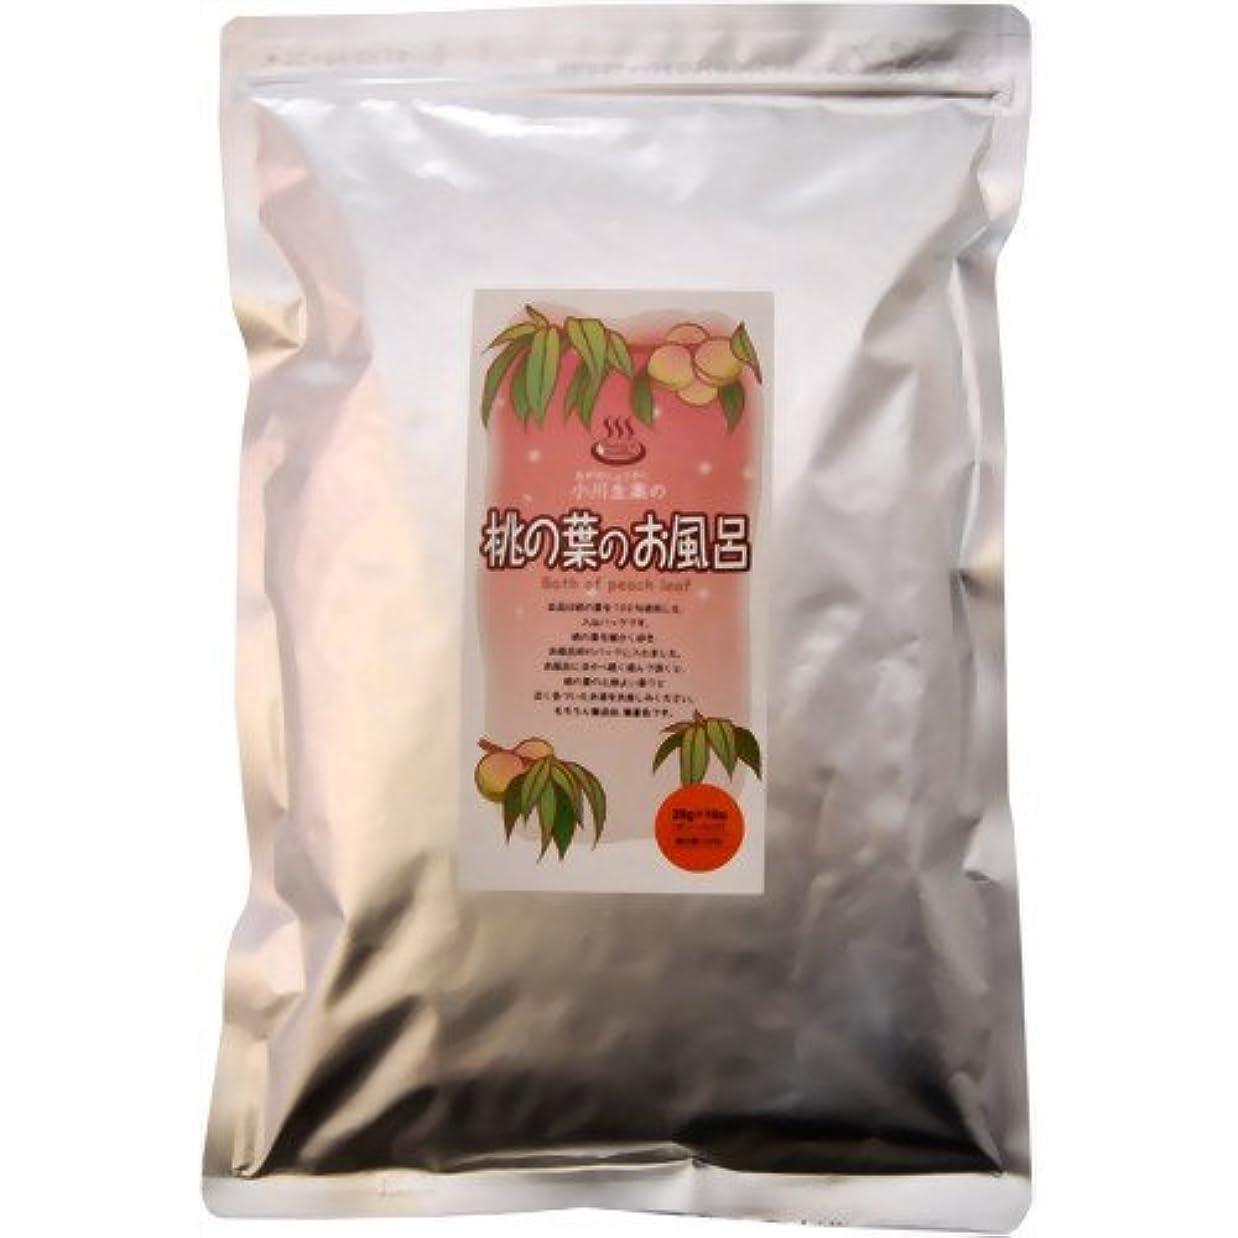 必須無秩序否定する小川生薬の桃の葉のお風呂 20g*10袋